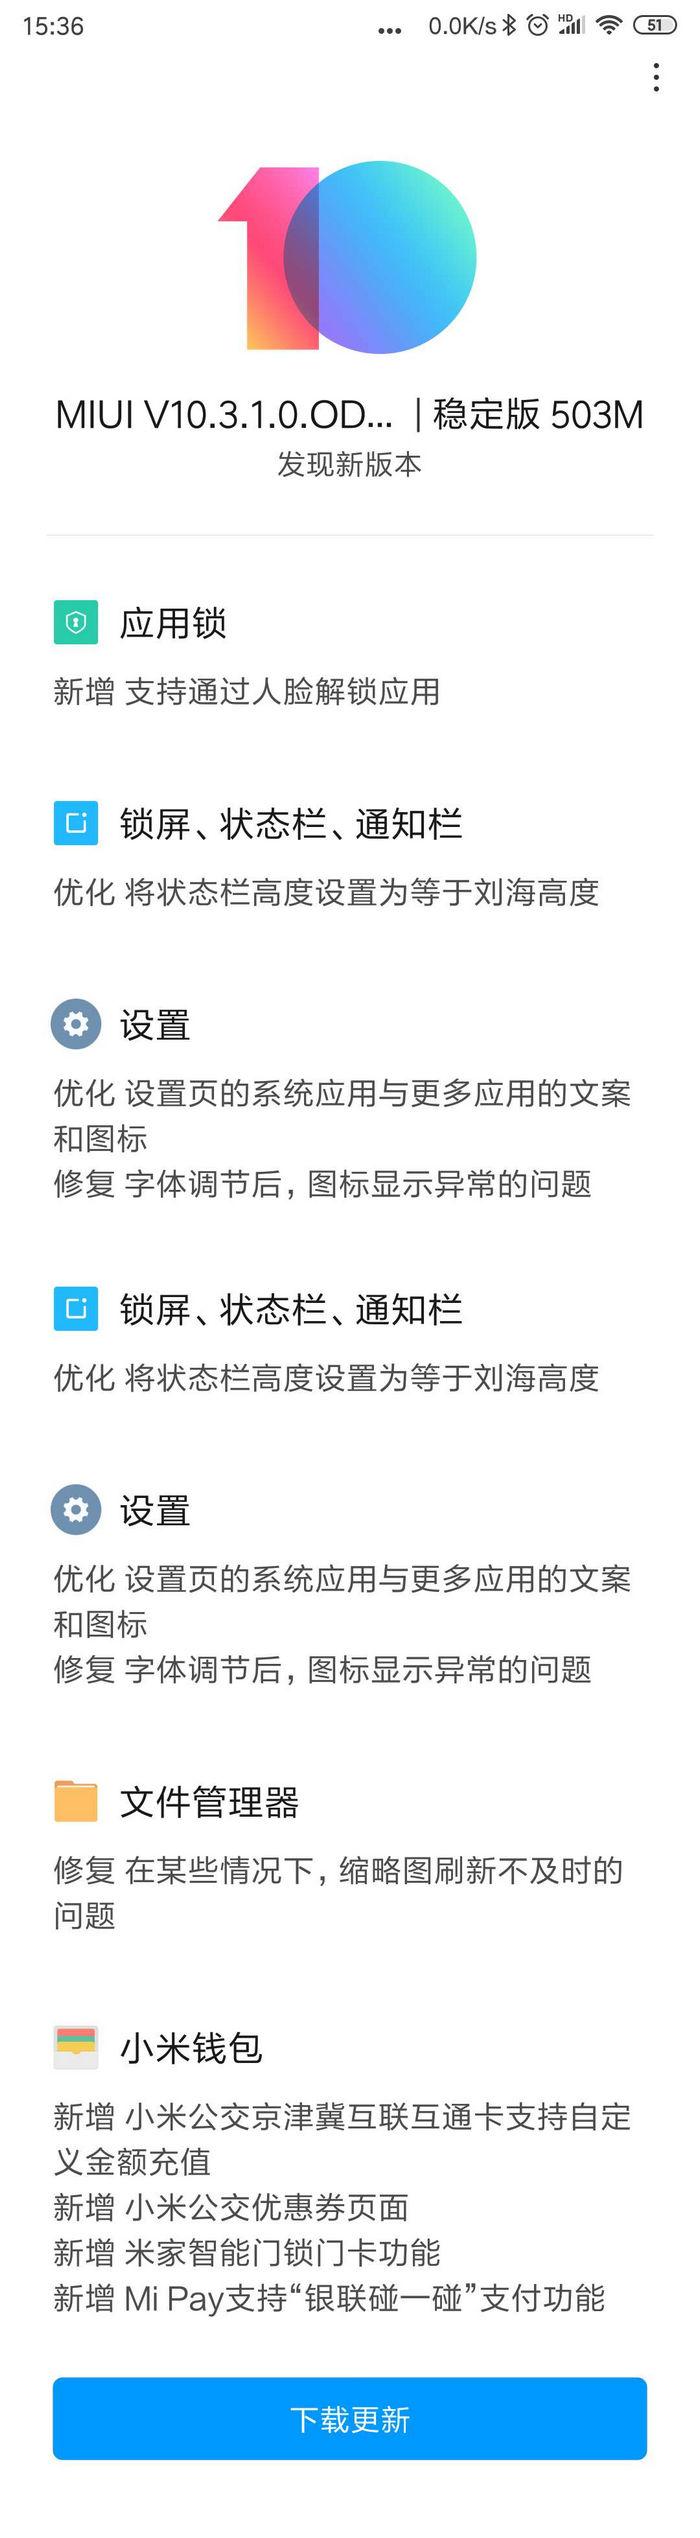 小米MIX 2获MIUI V10.3.1.0稳定版更新:新增人脸解锁应用-玩懂手机网 - 玩懂手机第一手的手机资讯网(www.wdshouji.com)